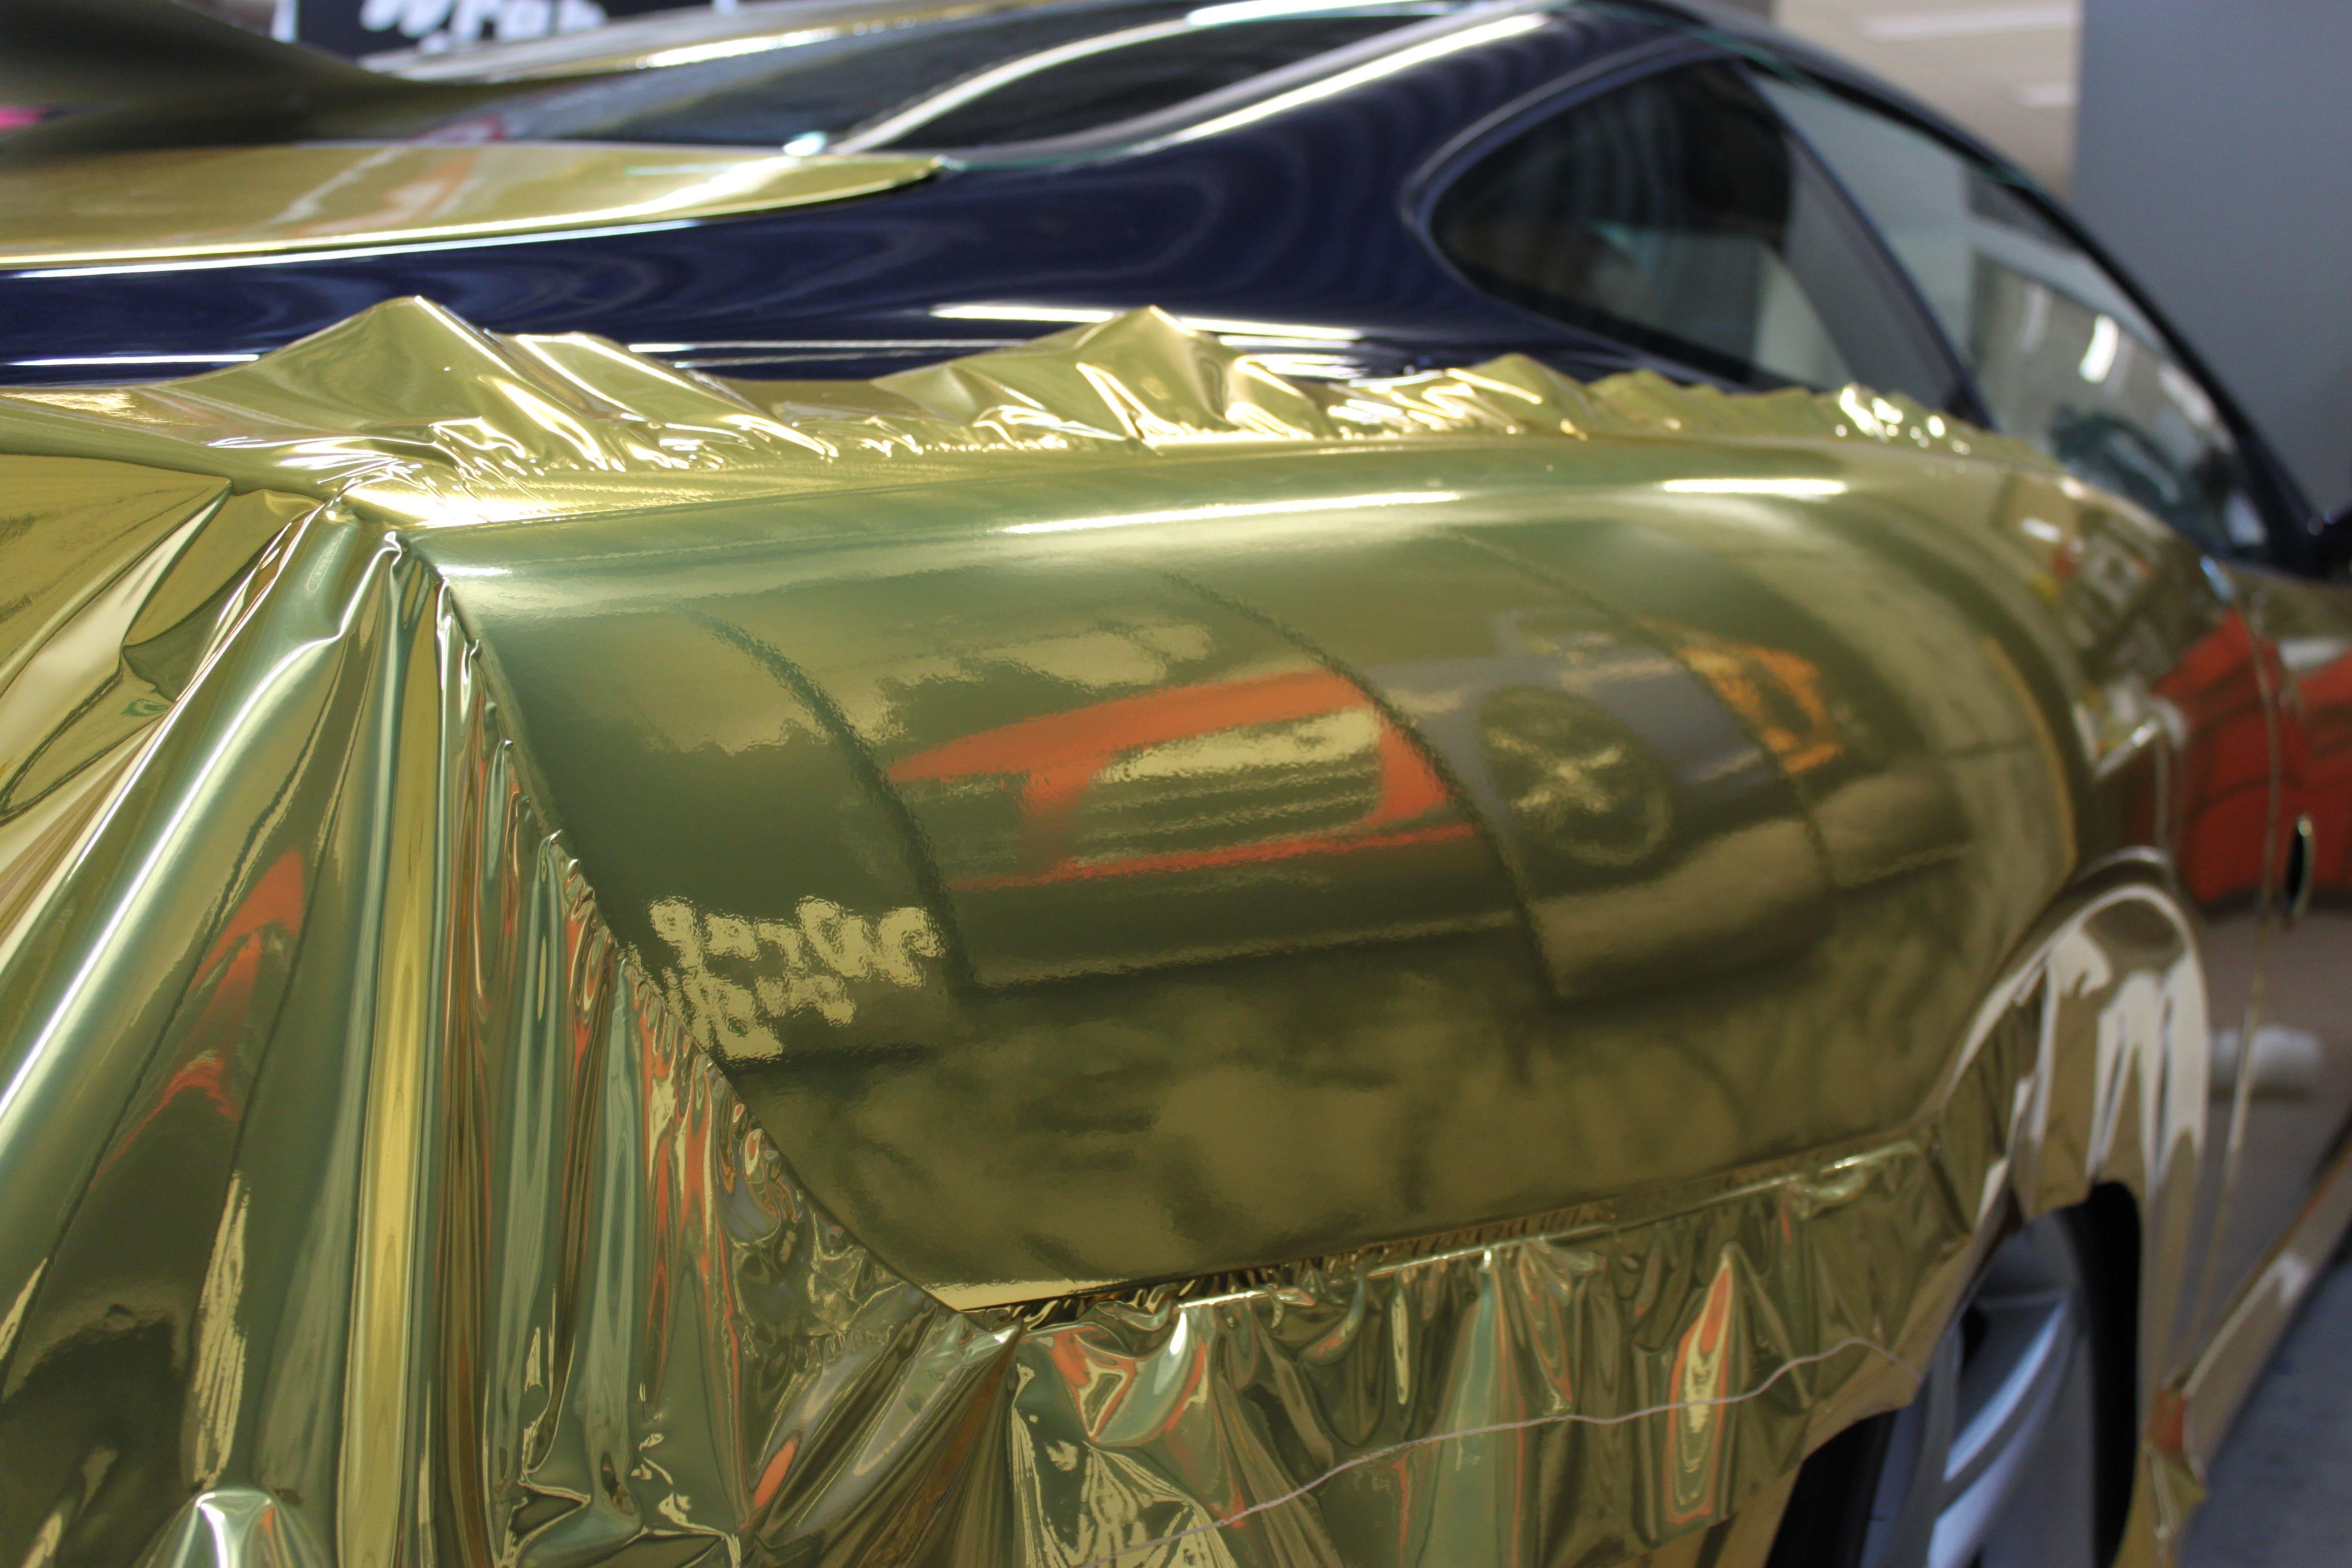 Ferrari 575 met Goud Chrome Wrap., Carwrapping door Wrapmyride.nu Foto-nr:5696, ©2021